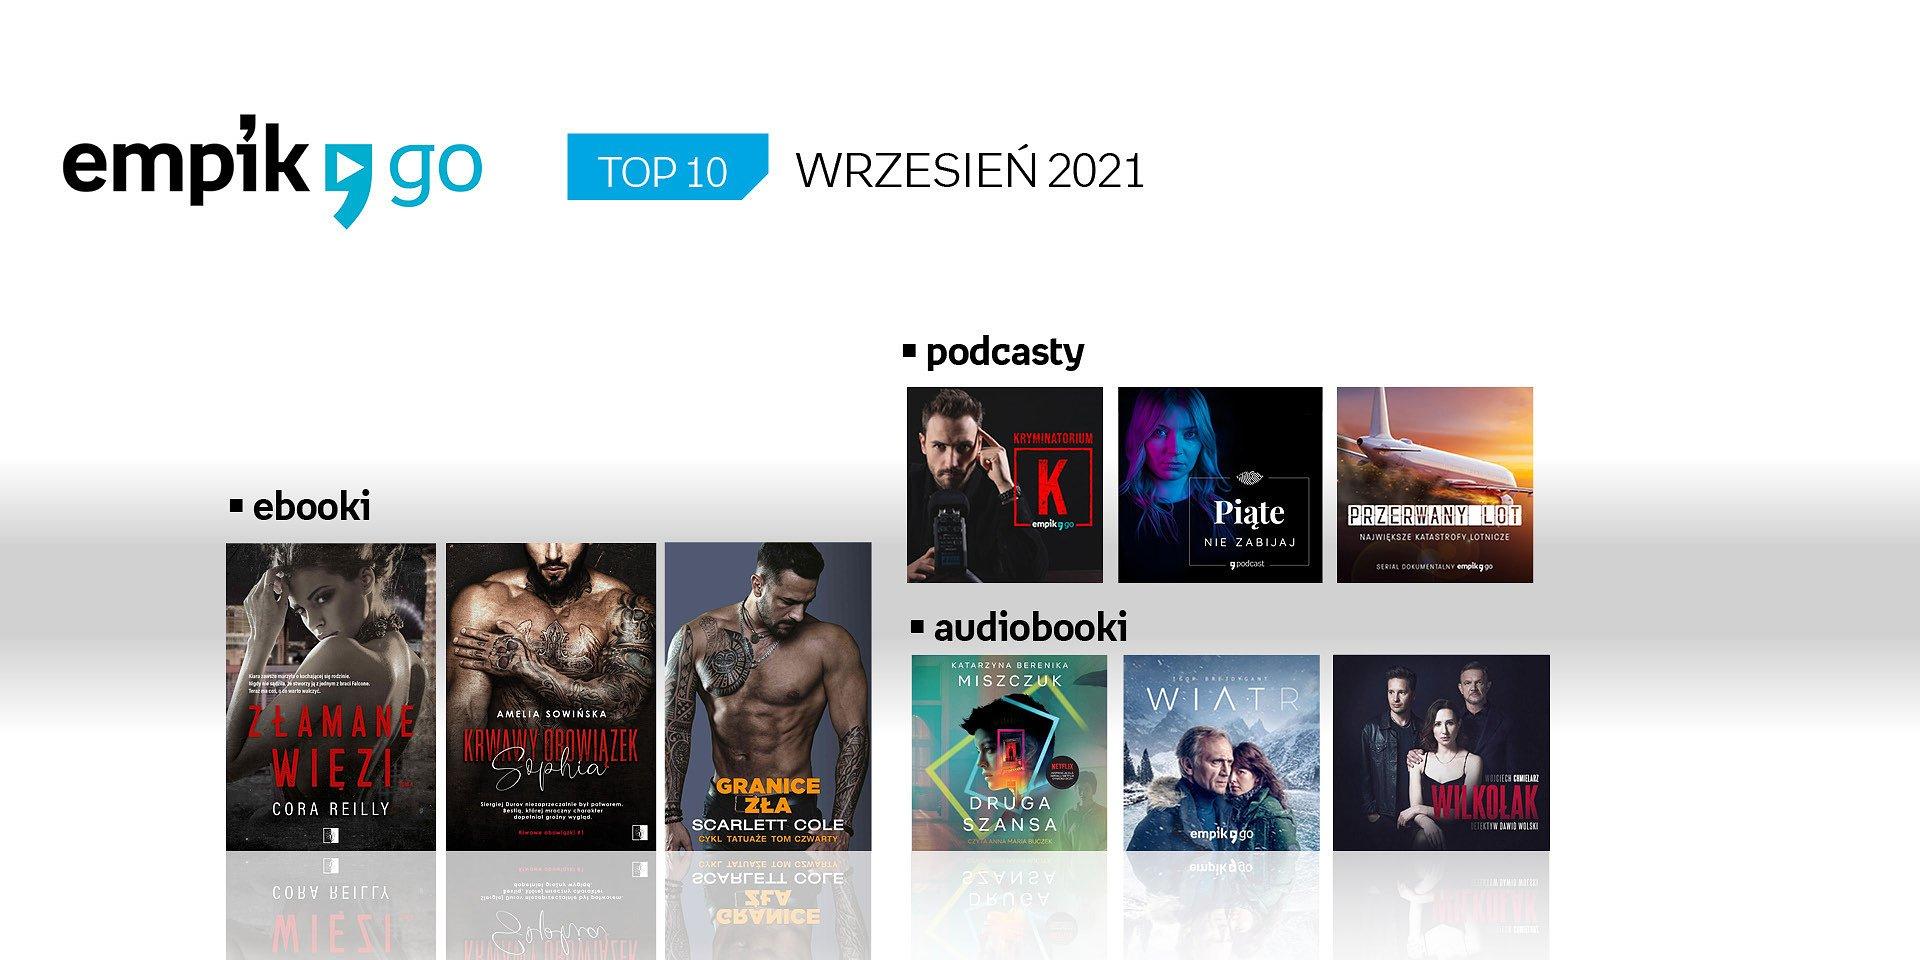 Lista TOP 10 audiobooków, e-booków i podcastów w aplikacji Empik Go we wrześniu